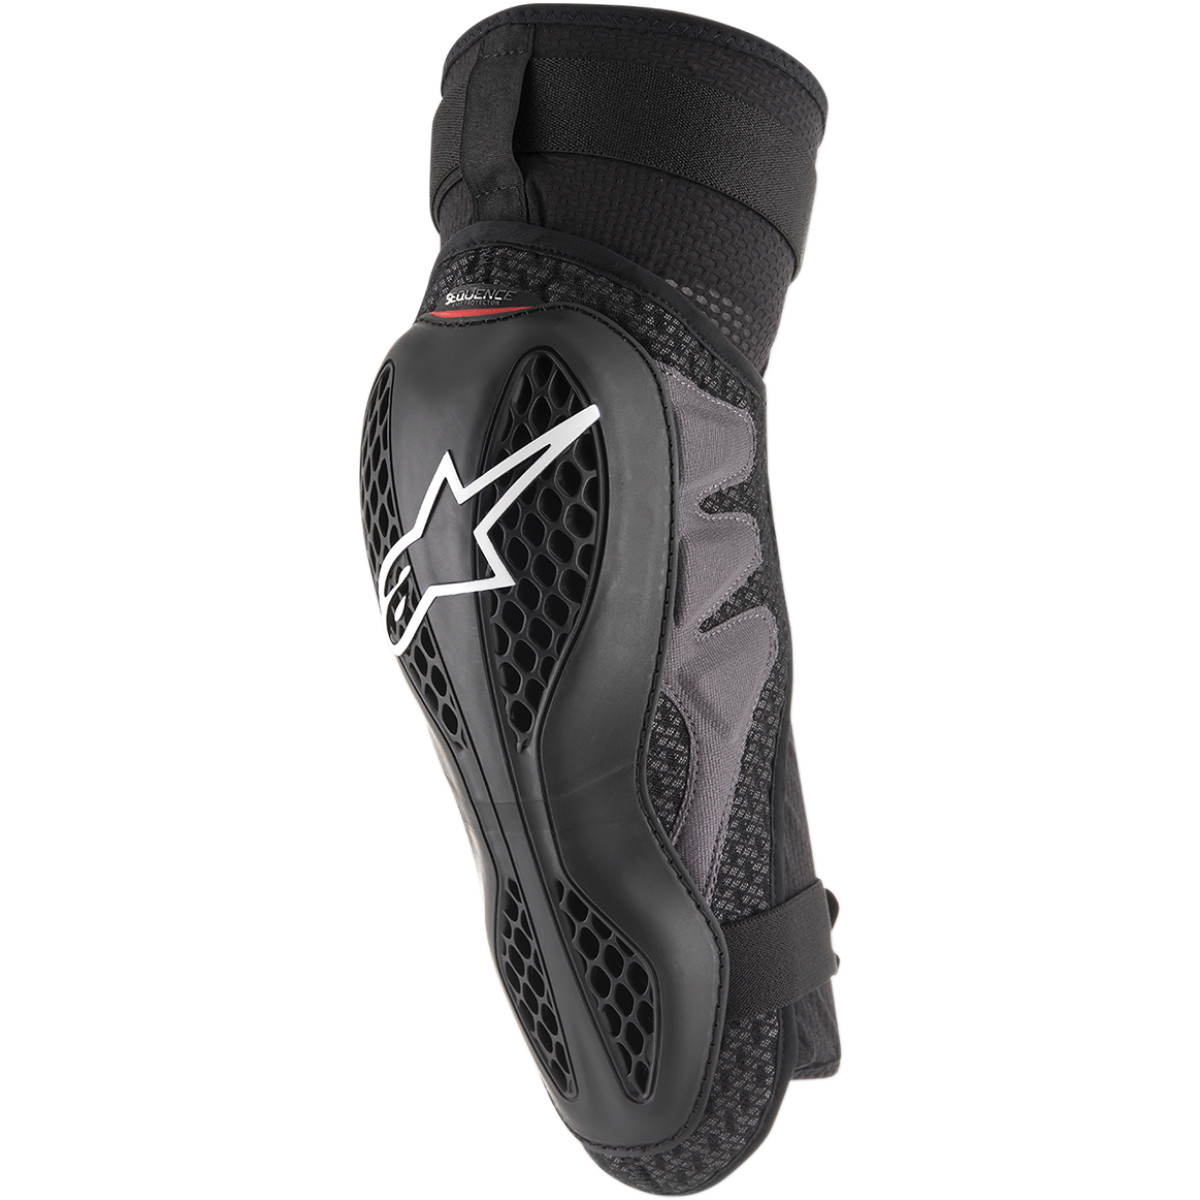 ALPINESTARS Sequence Motocross Knie Protektoren schwarz rot